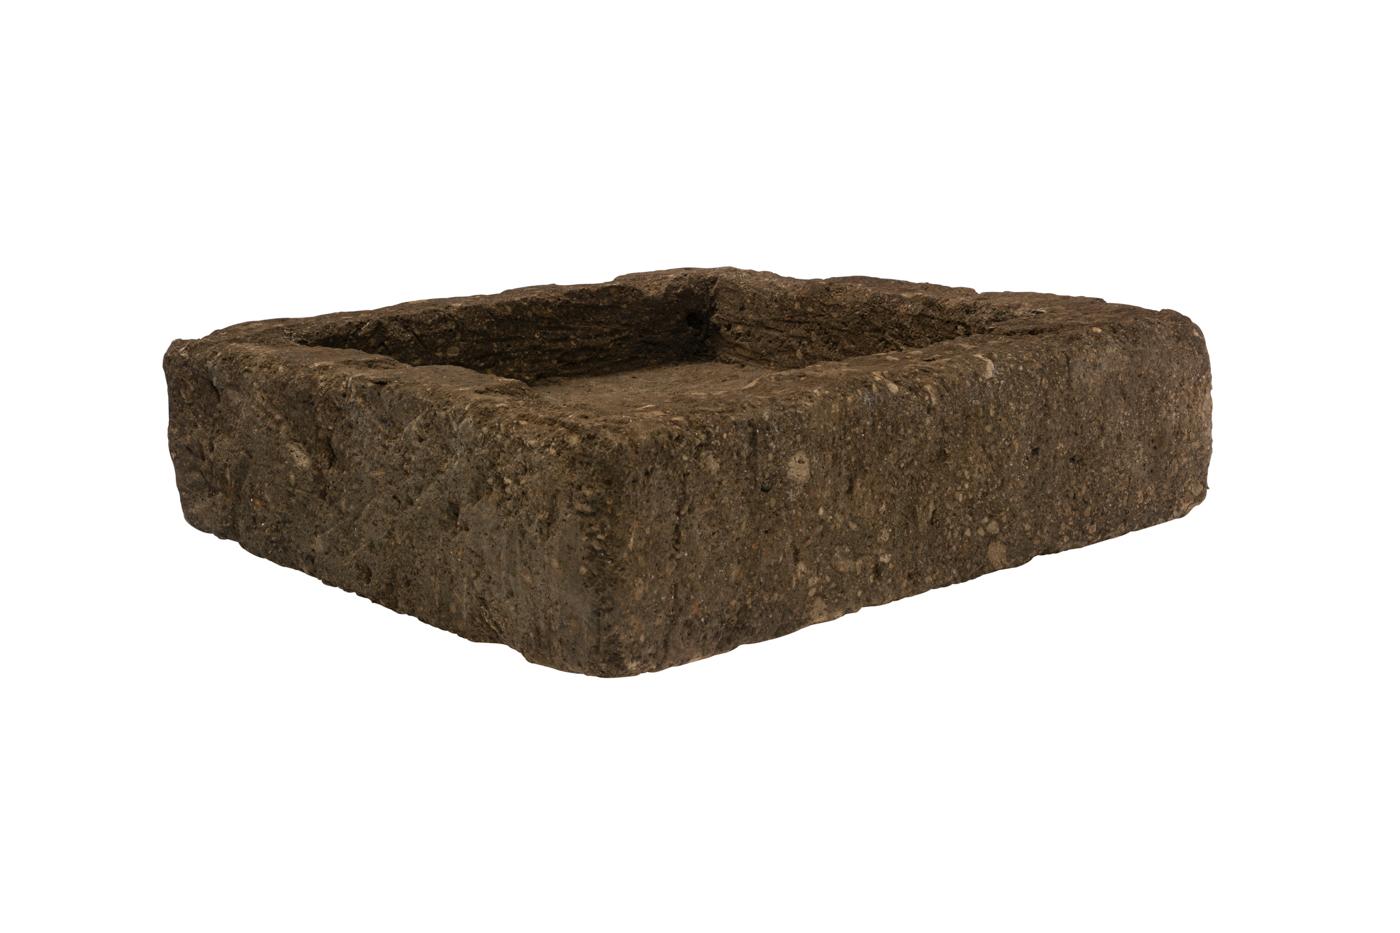 Square planter in natural stone